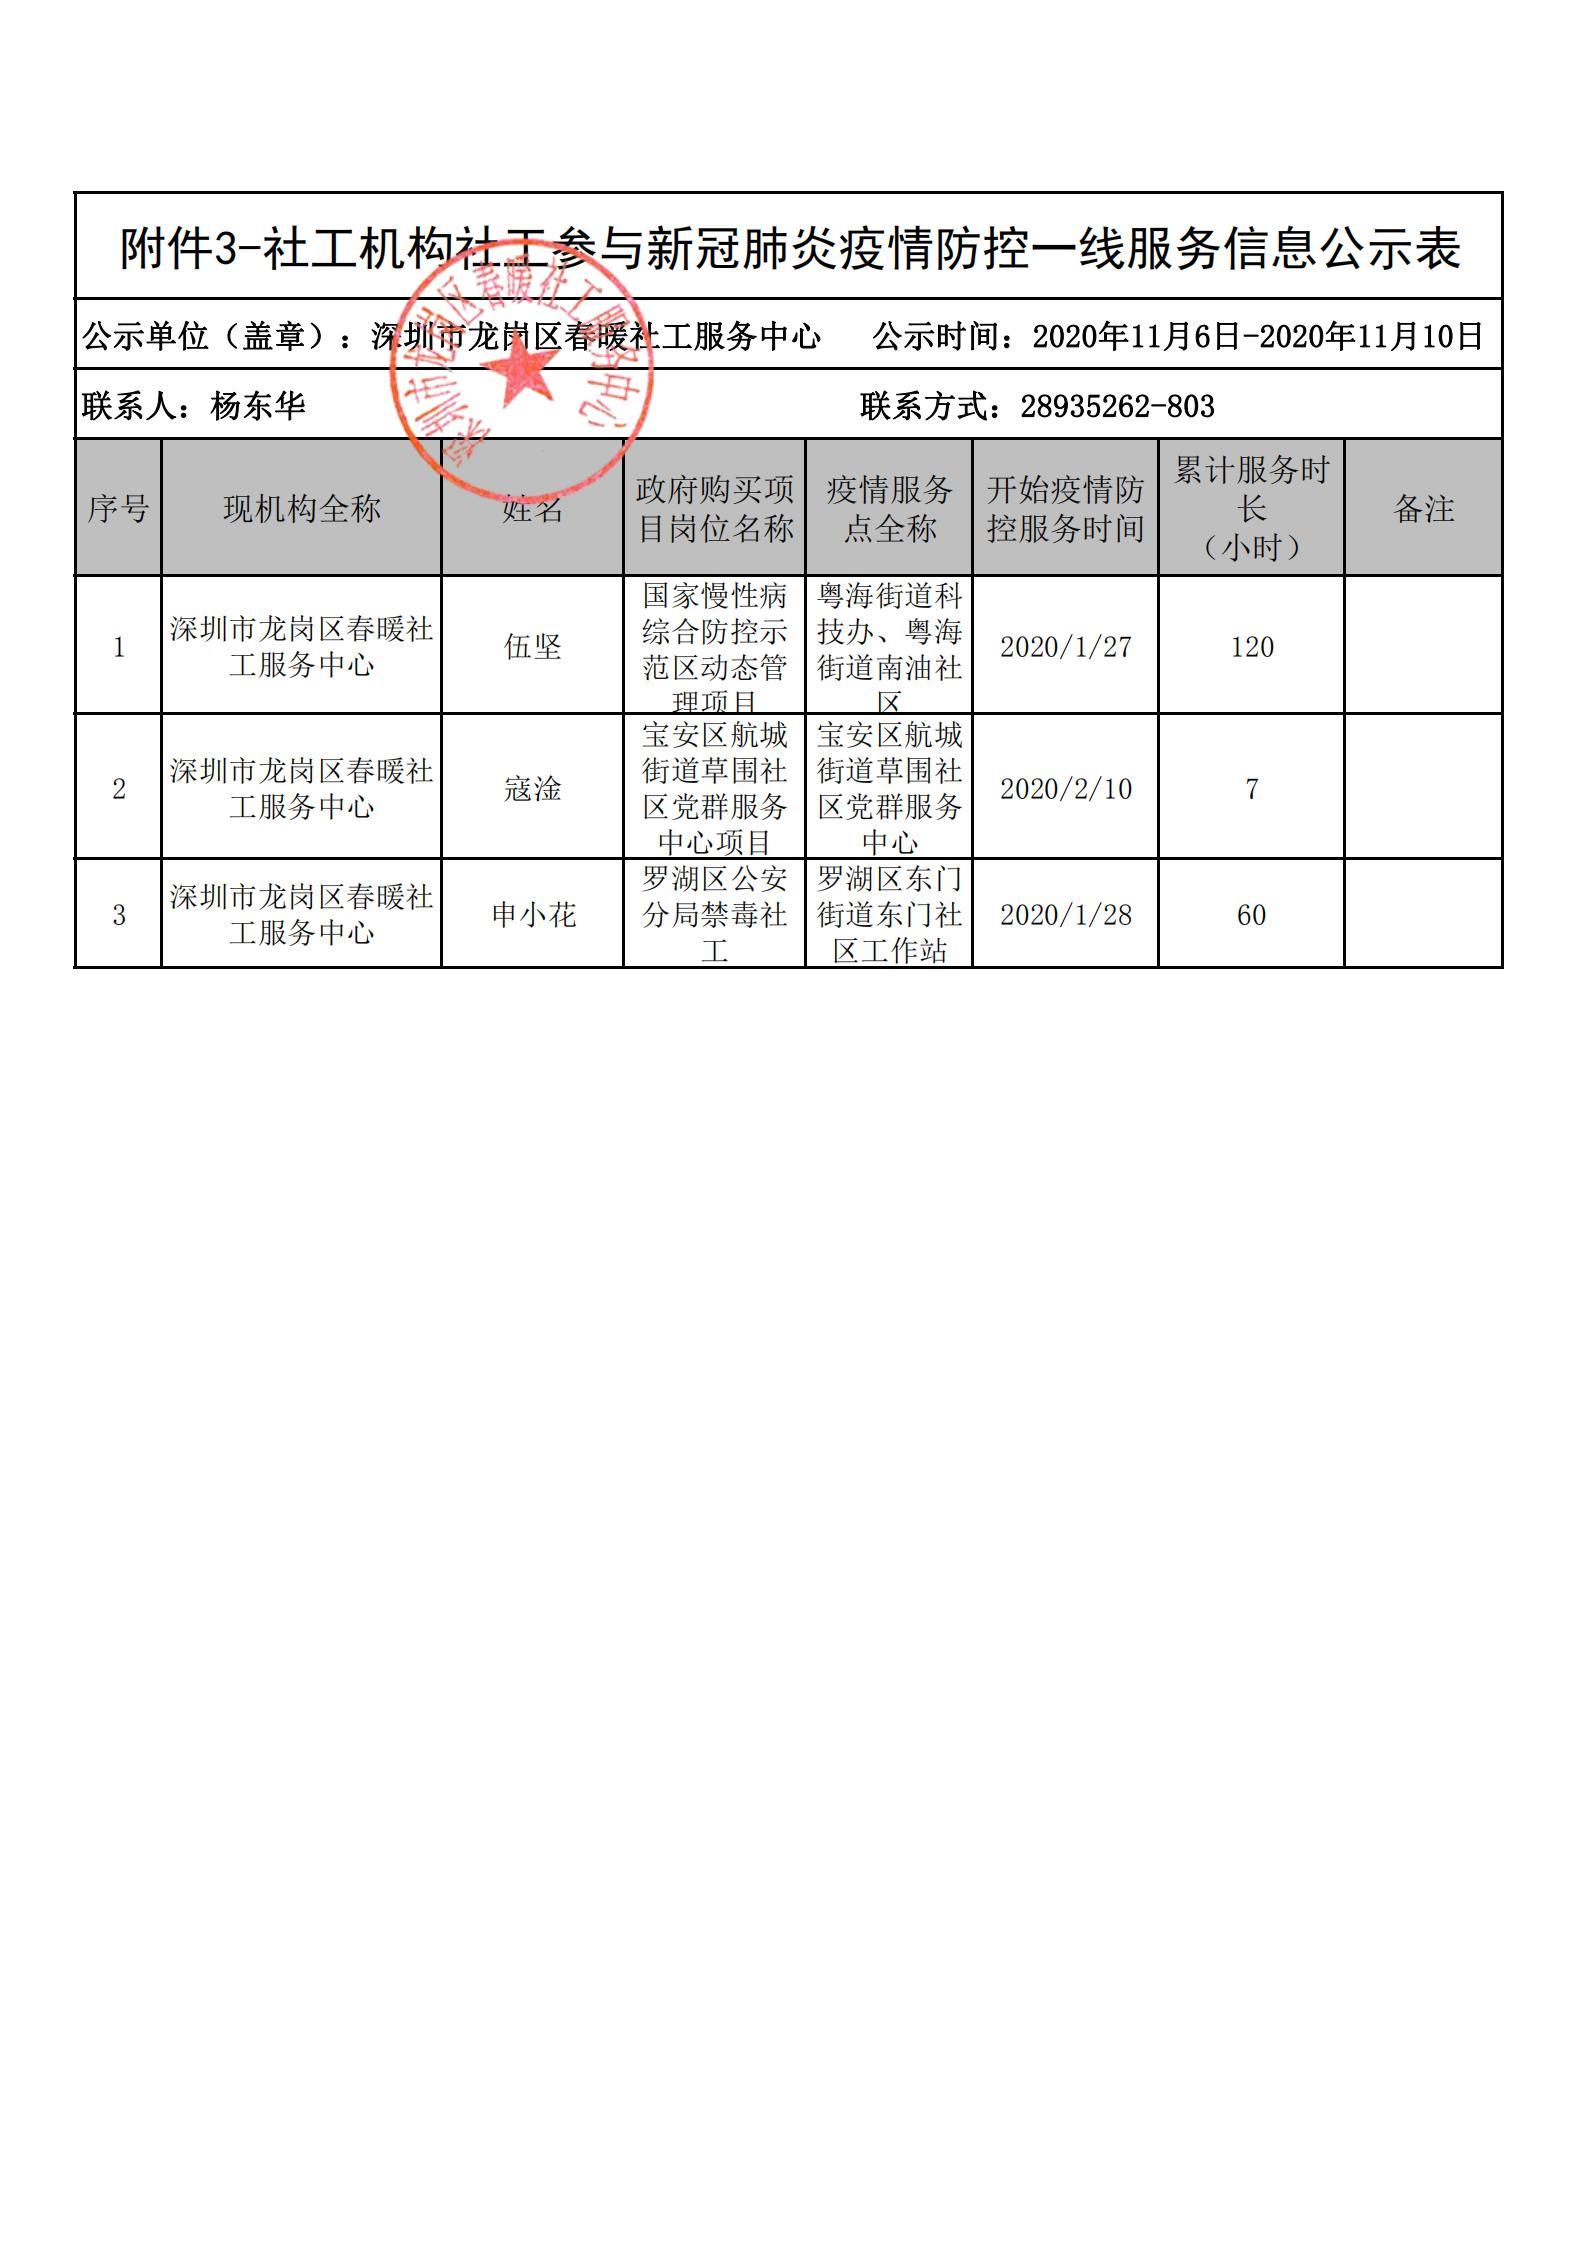 深圳市社工参与新冠肺炎疫情防控一线服务个人信息公示(第二批)+增加3人公示(春暖社工)